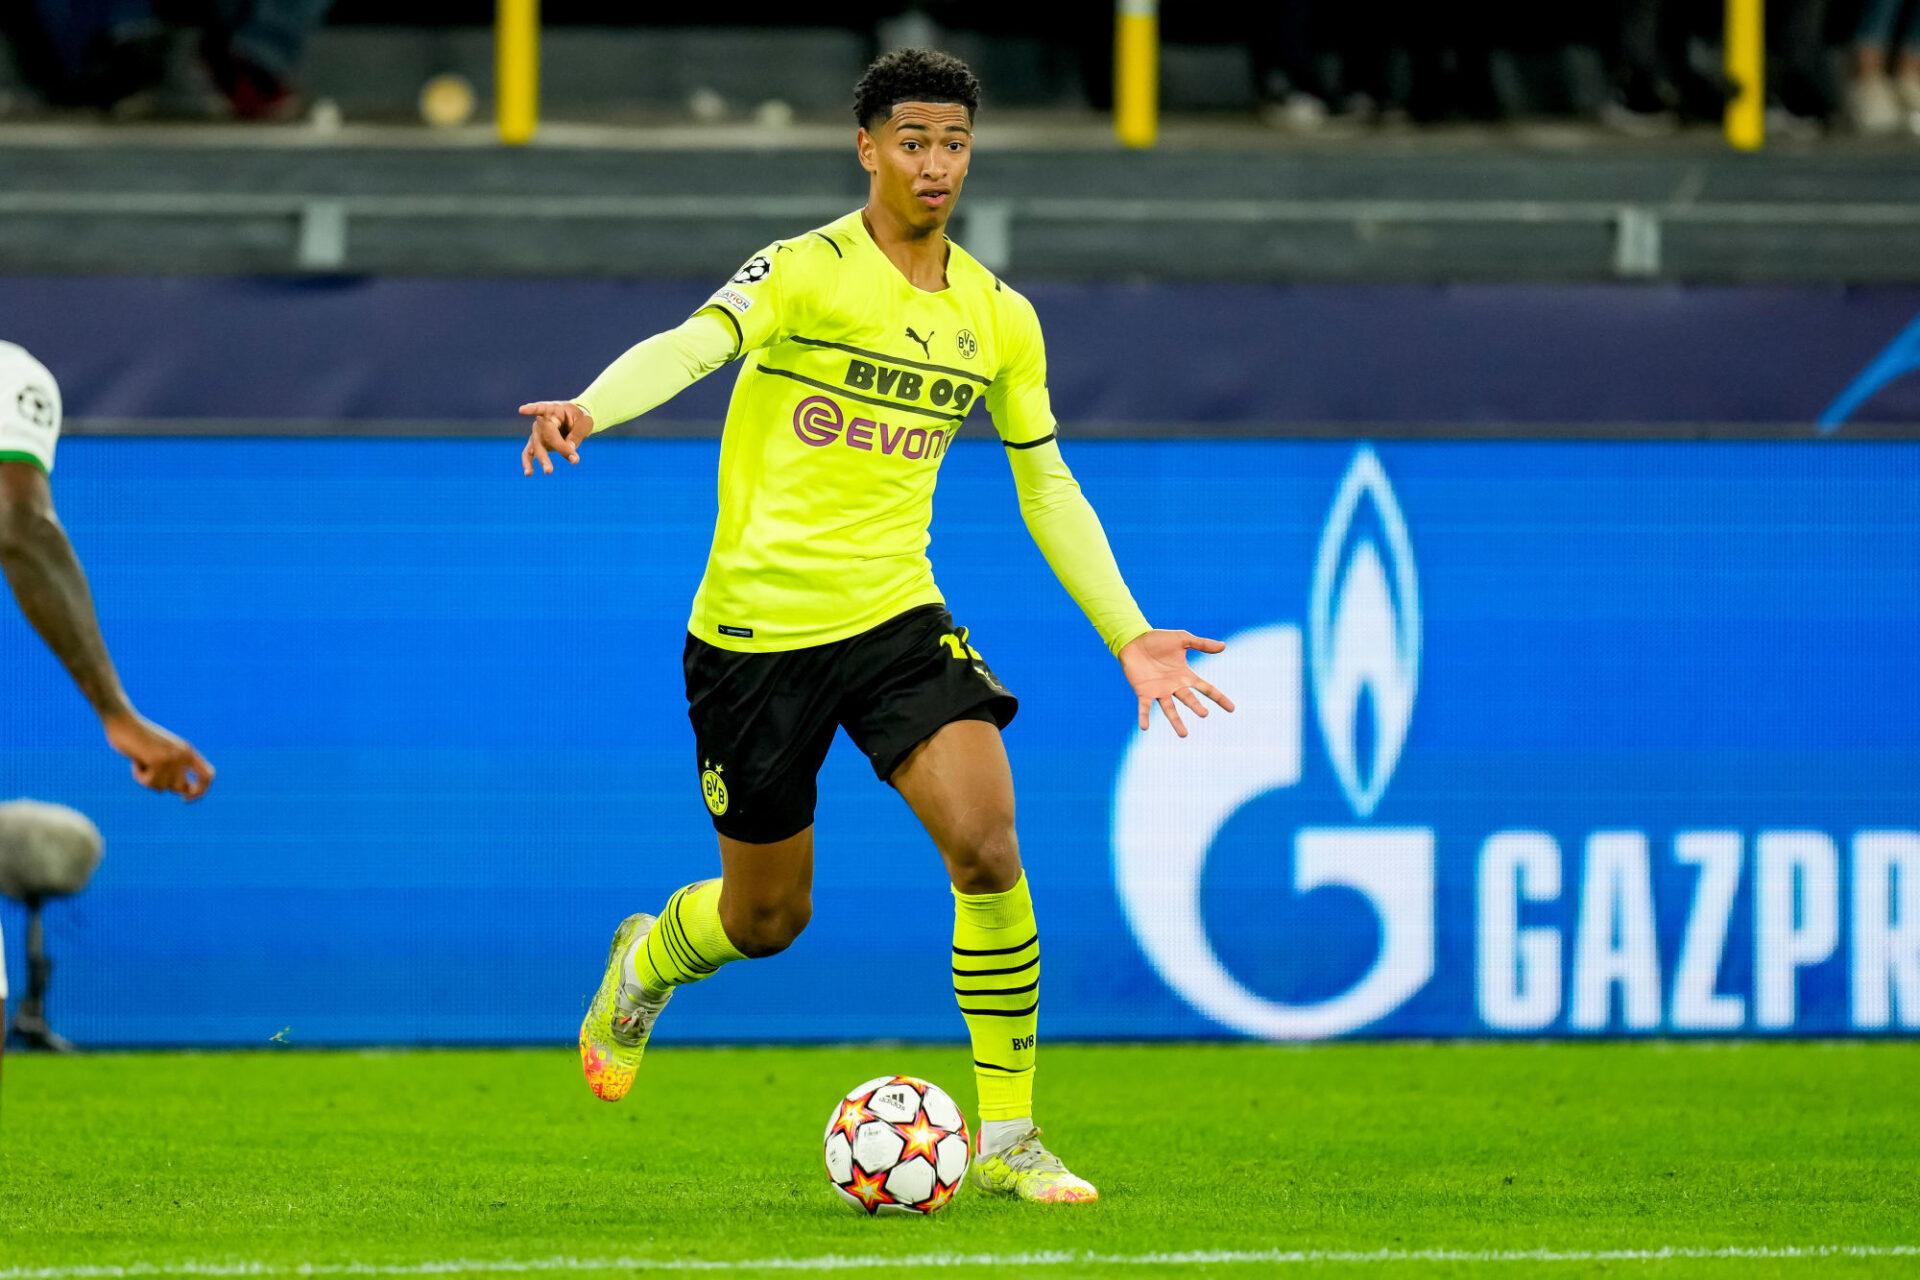 Gareth Southgate a choisi de laisser au repos Jude Bellingham, pourtant merveilleux avec le Borussia Dortmund. Icon Sport